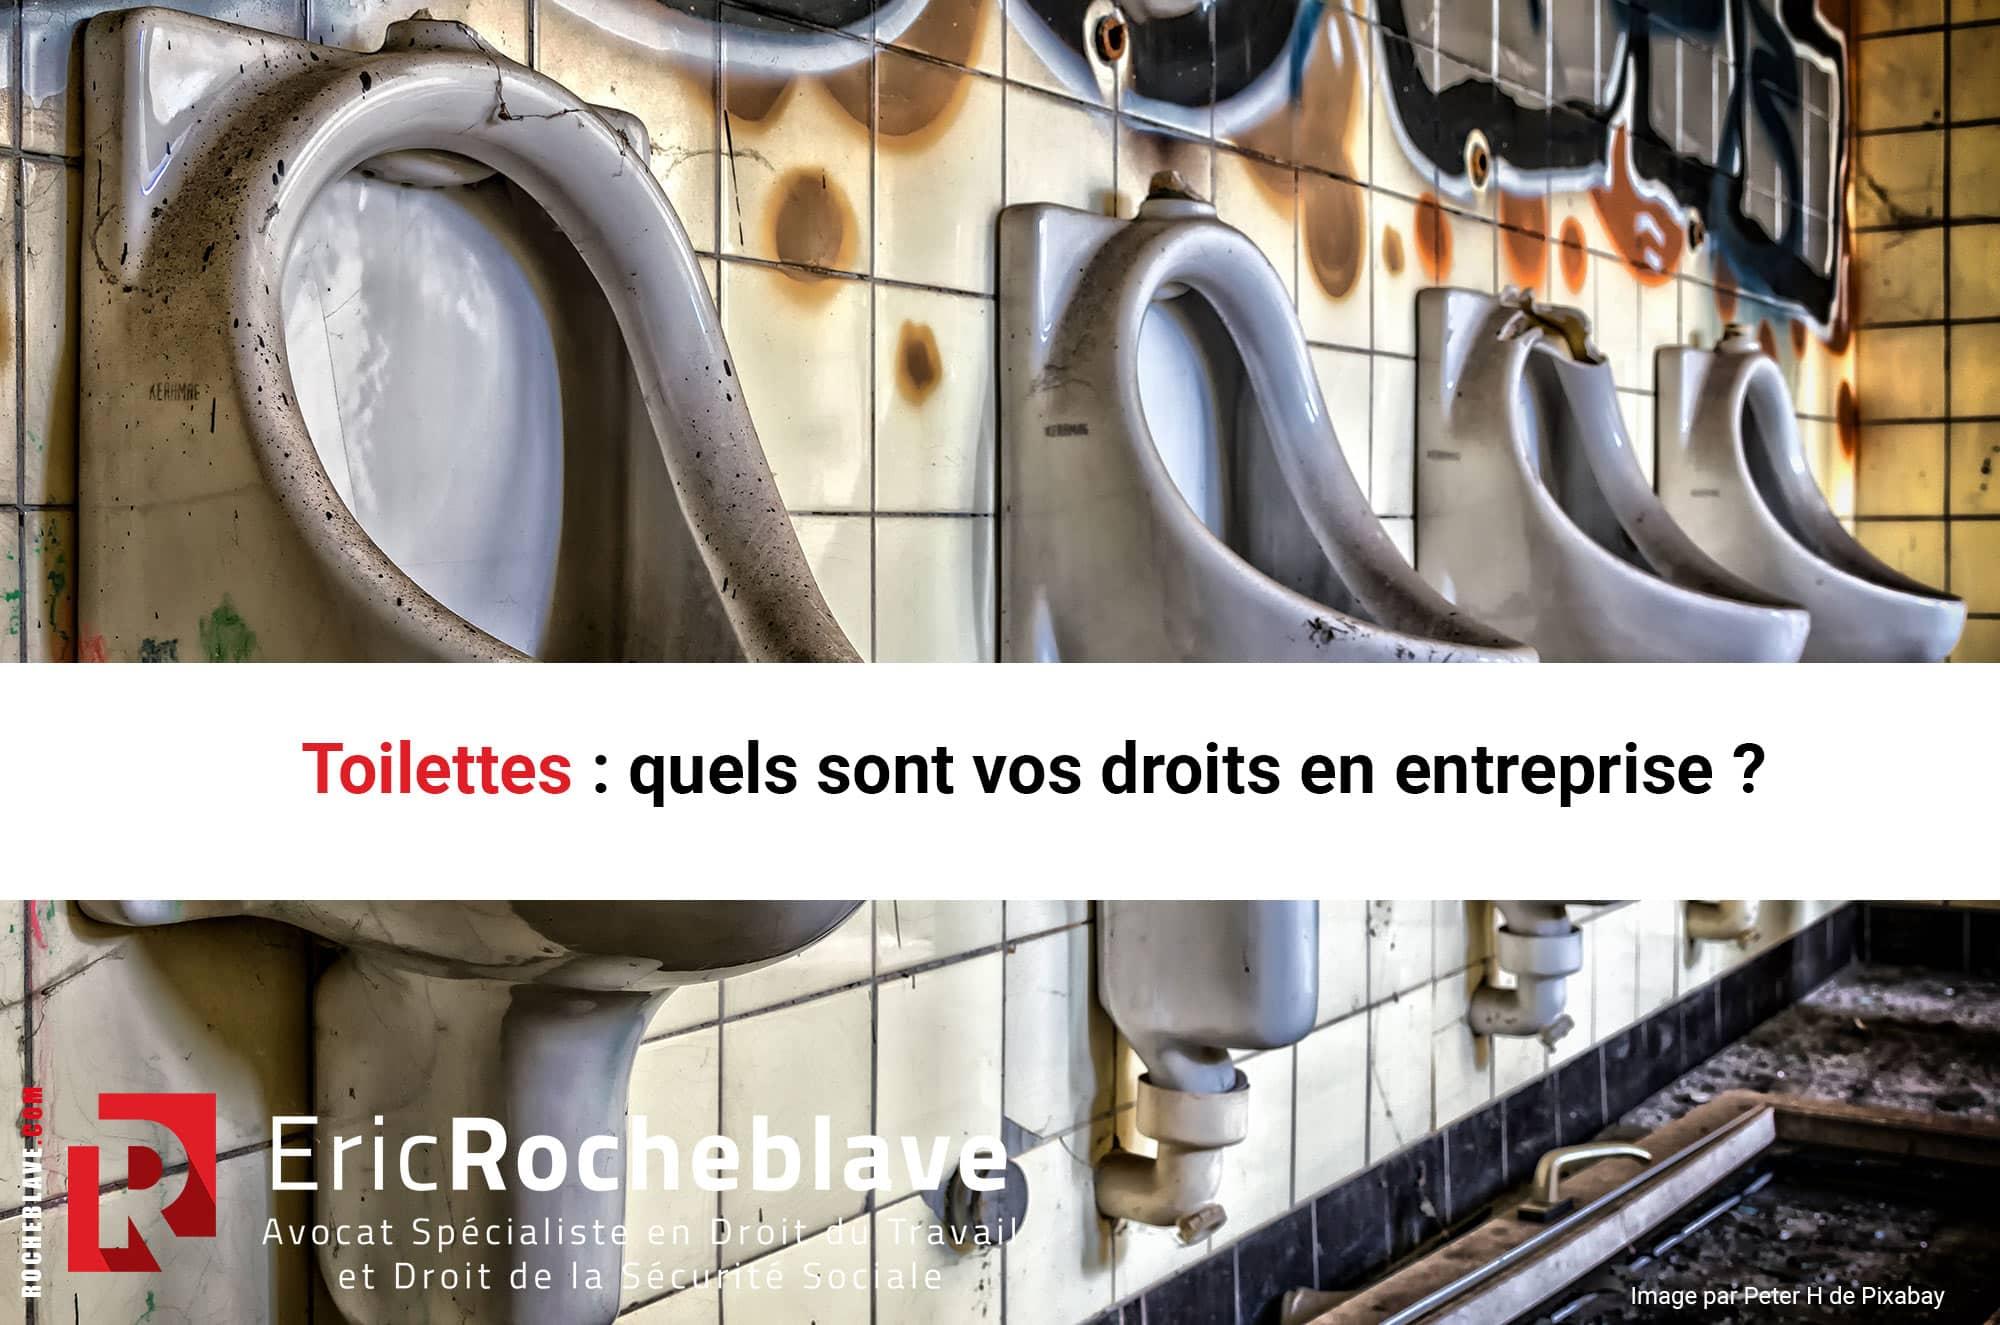 Toilettes : quels sont vos droits en entreprise ?